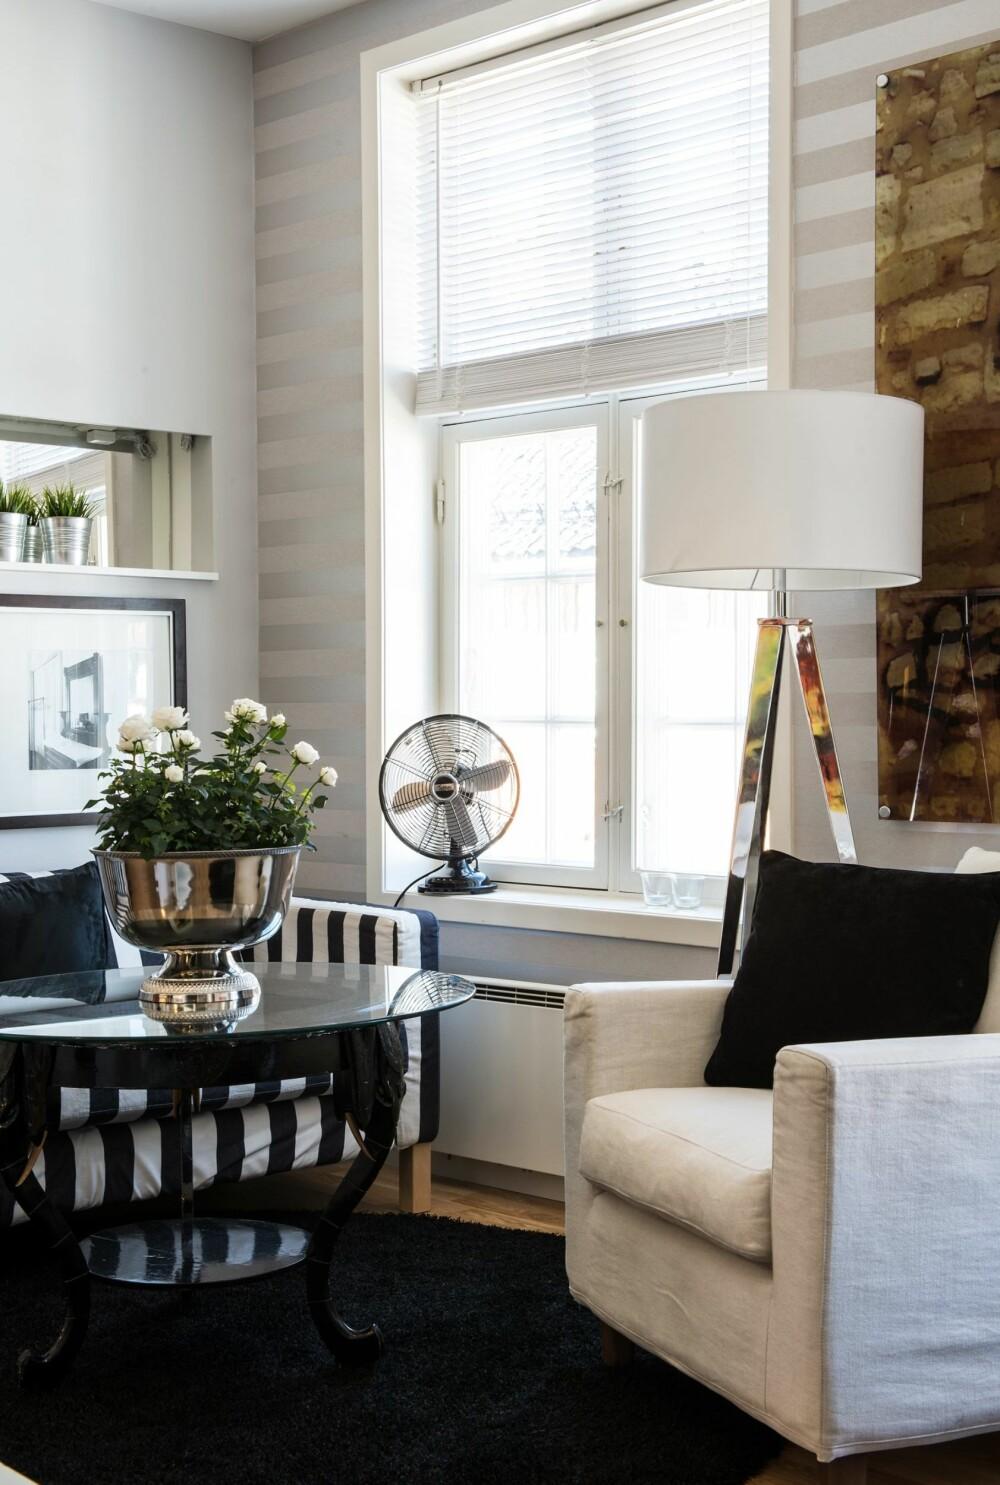 BILLIGKROKEN: Sofabordet er satt sammen av et understell fra 20-tallet og en rund glassplate Bernt hadde fra før. Lenestolen er fra Tinnies hus i Sandefjord mens gulvlampen er fra en lampebutikk som i dag er nedlagt.